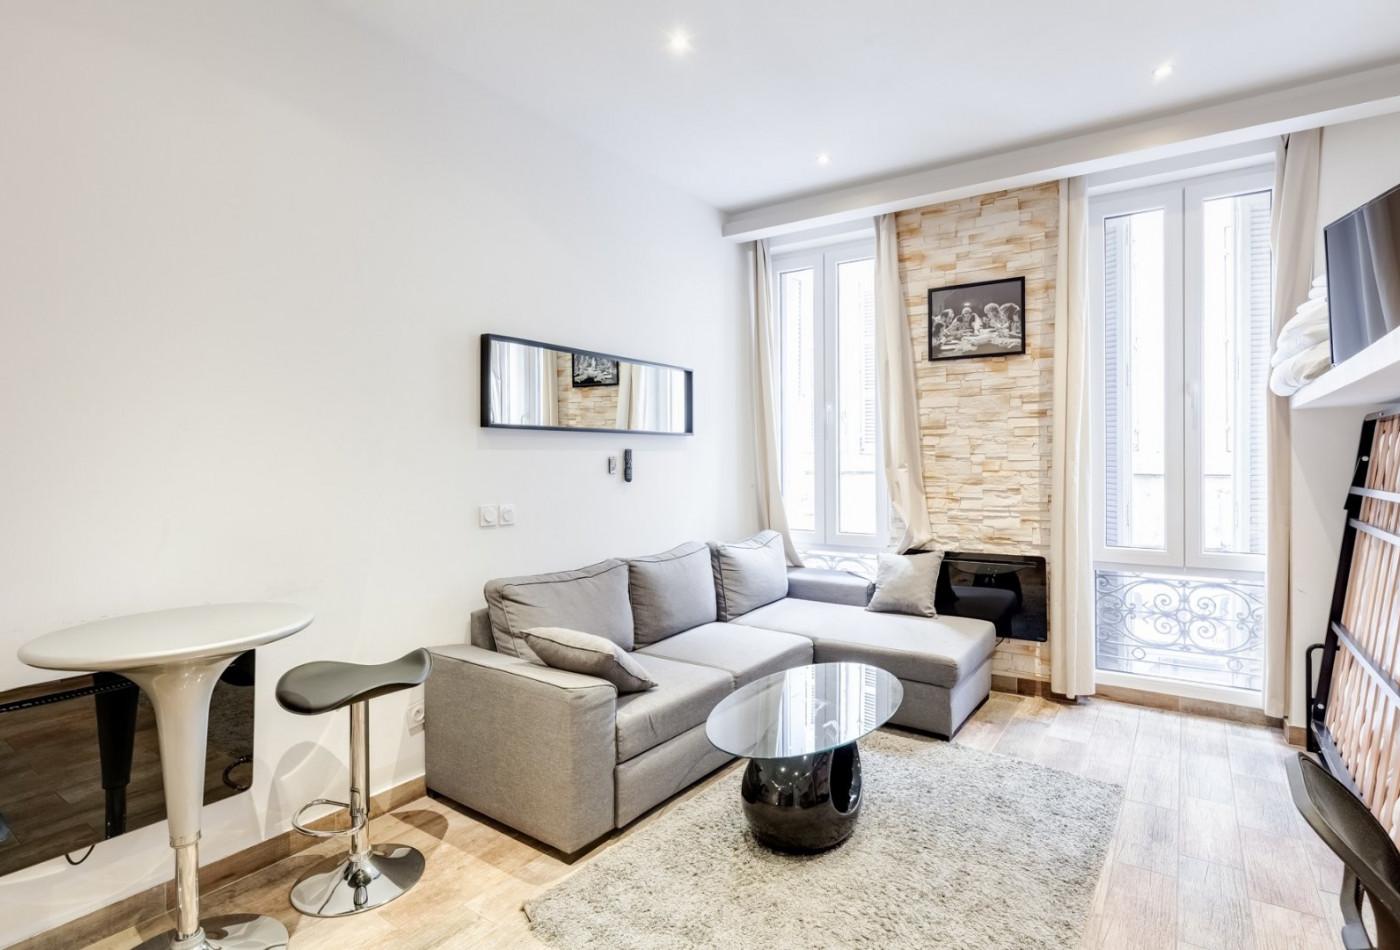 A vendre  Marseille 1er Arrondissement   Réf 345932384 - Mat & seb montpellier